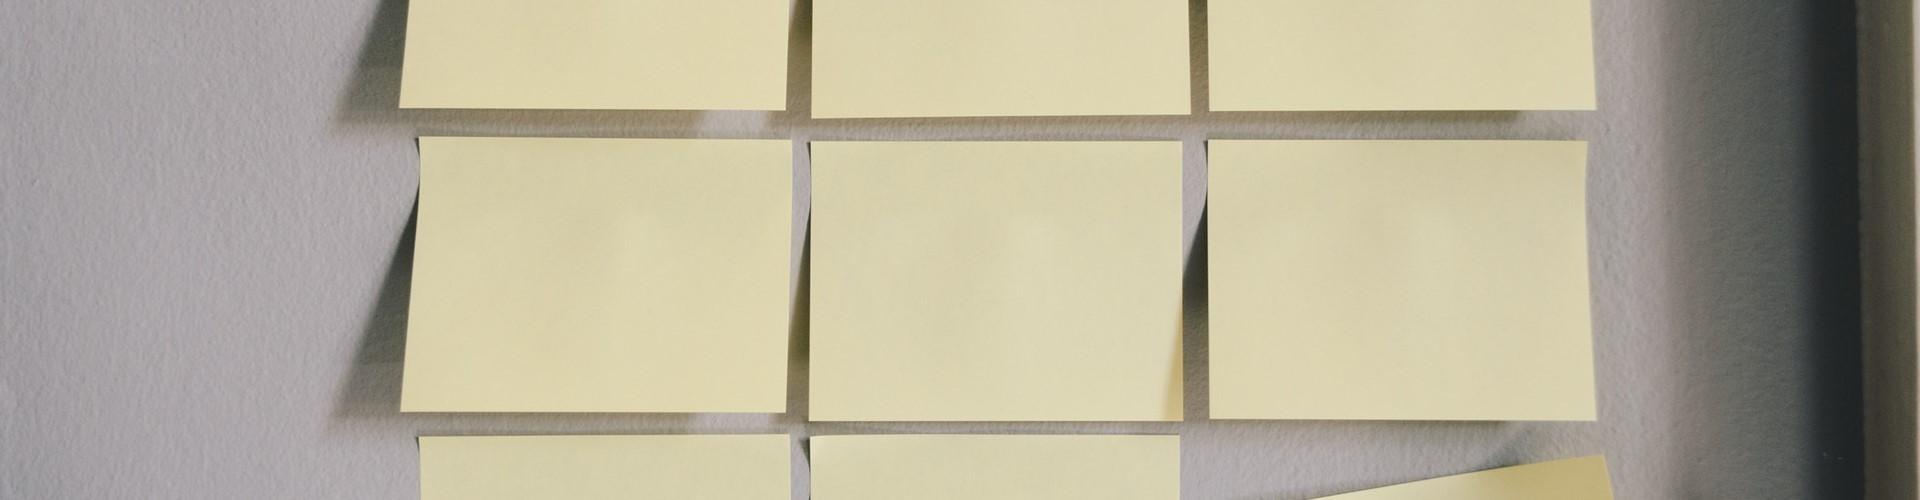 Des papiers collants Post-it pour planifier un article